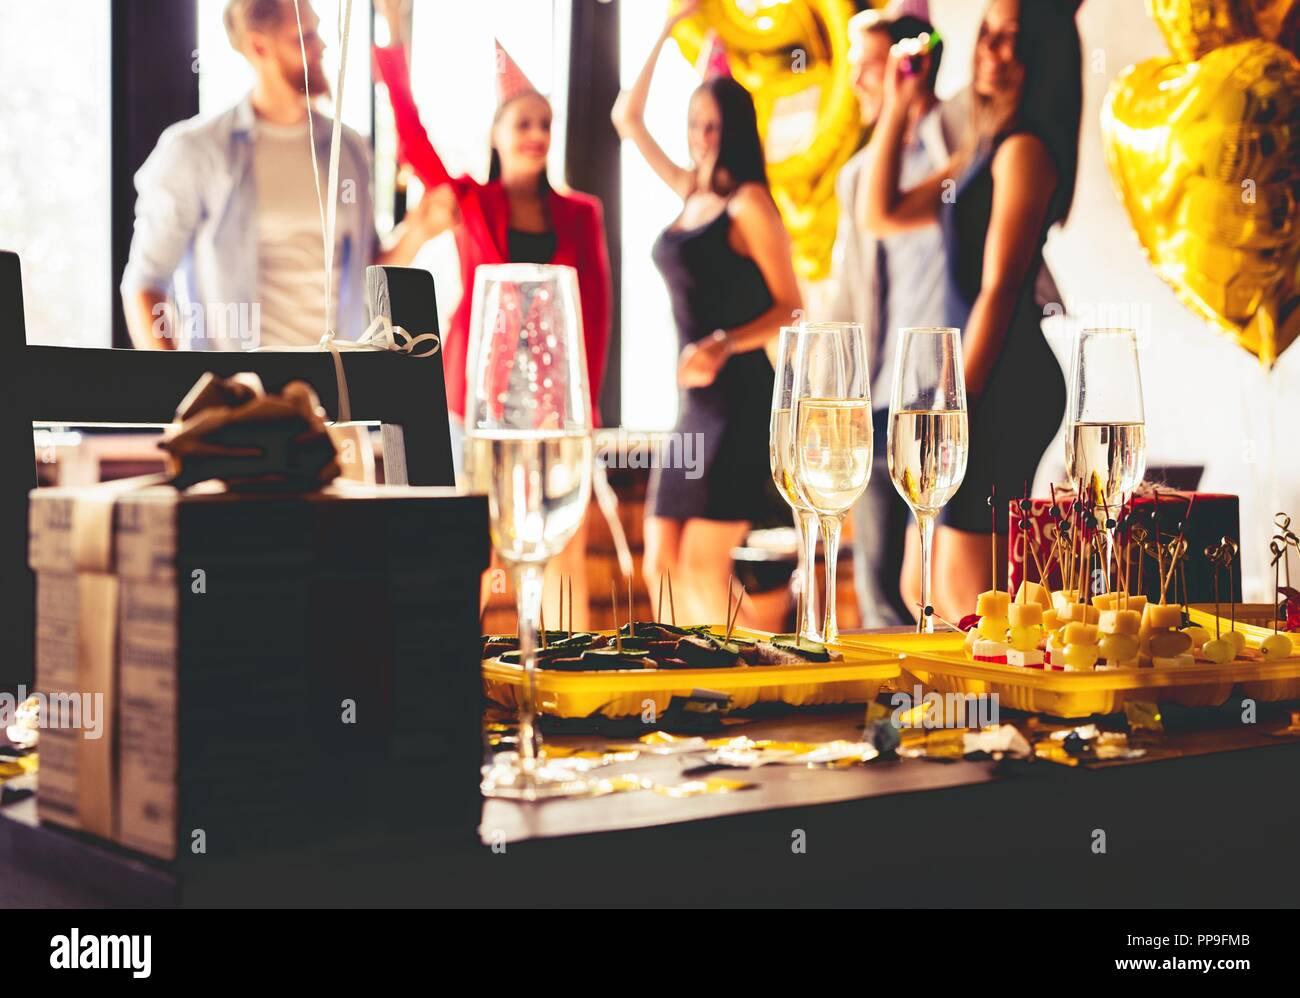 La cena a buffet pranzo celebrazione alimentare il concetto di partito. Immagini Stock